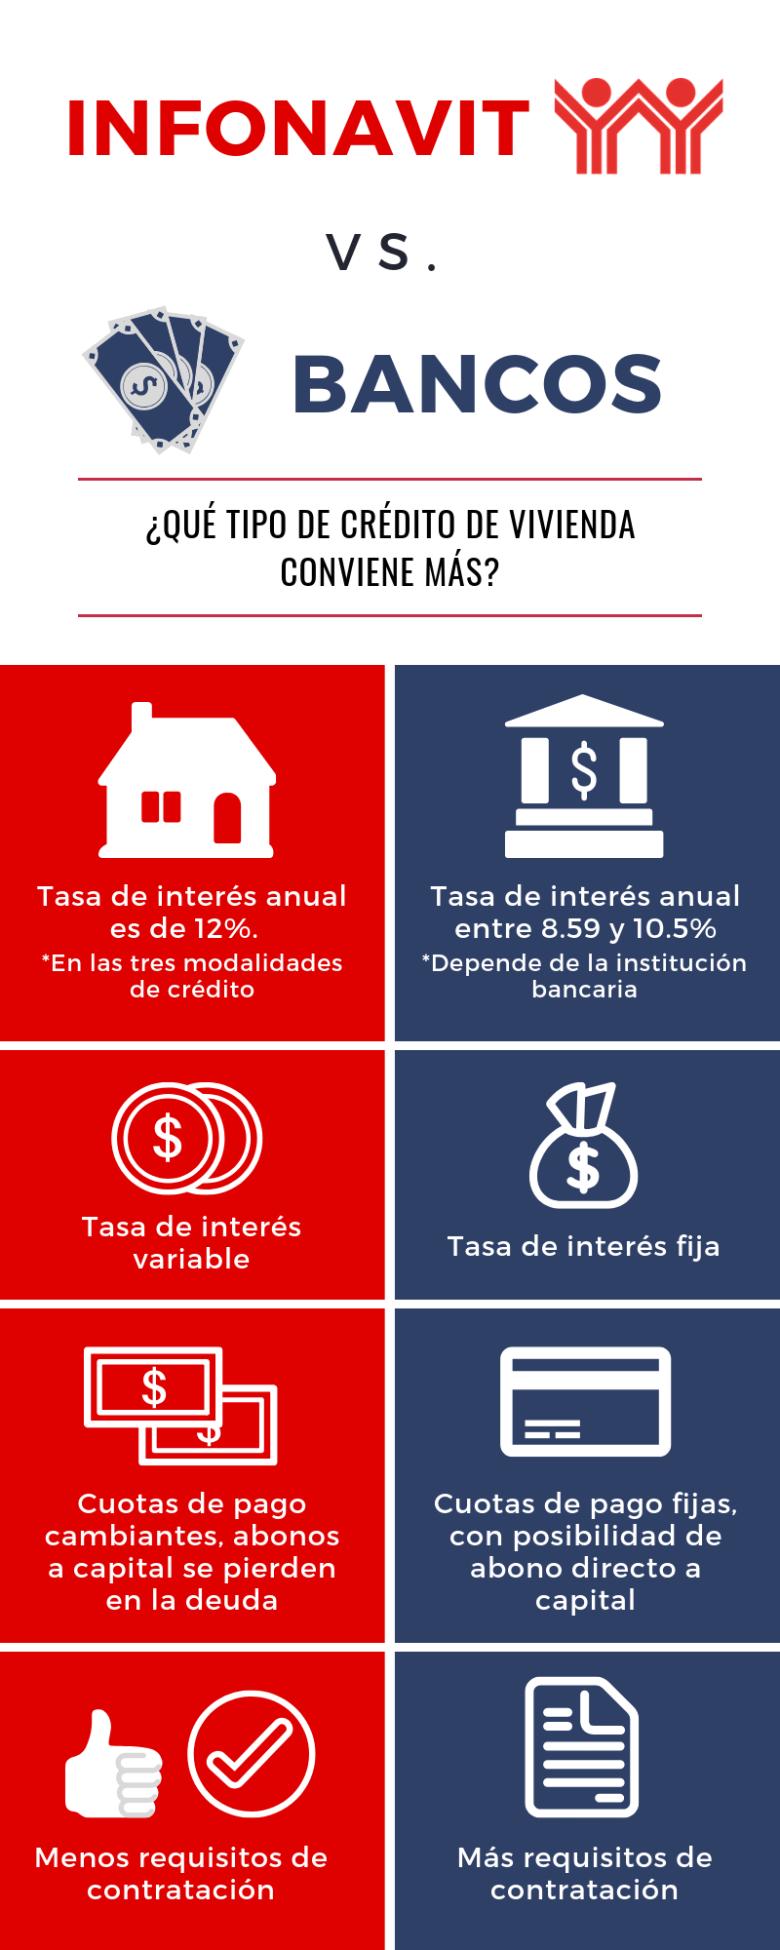 infografía bancos vs infonavit